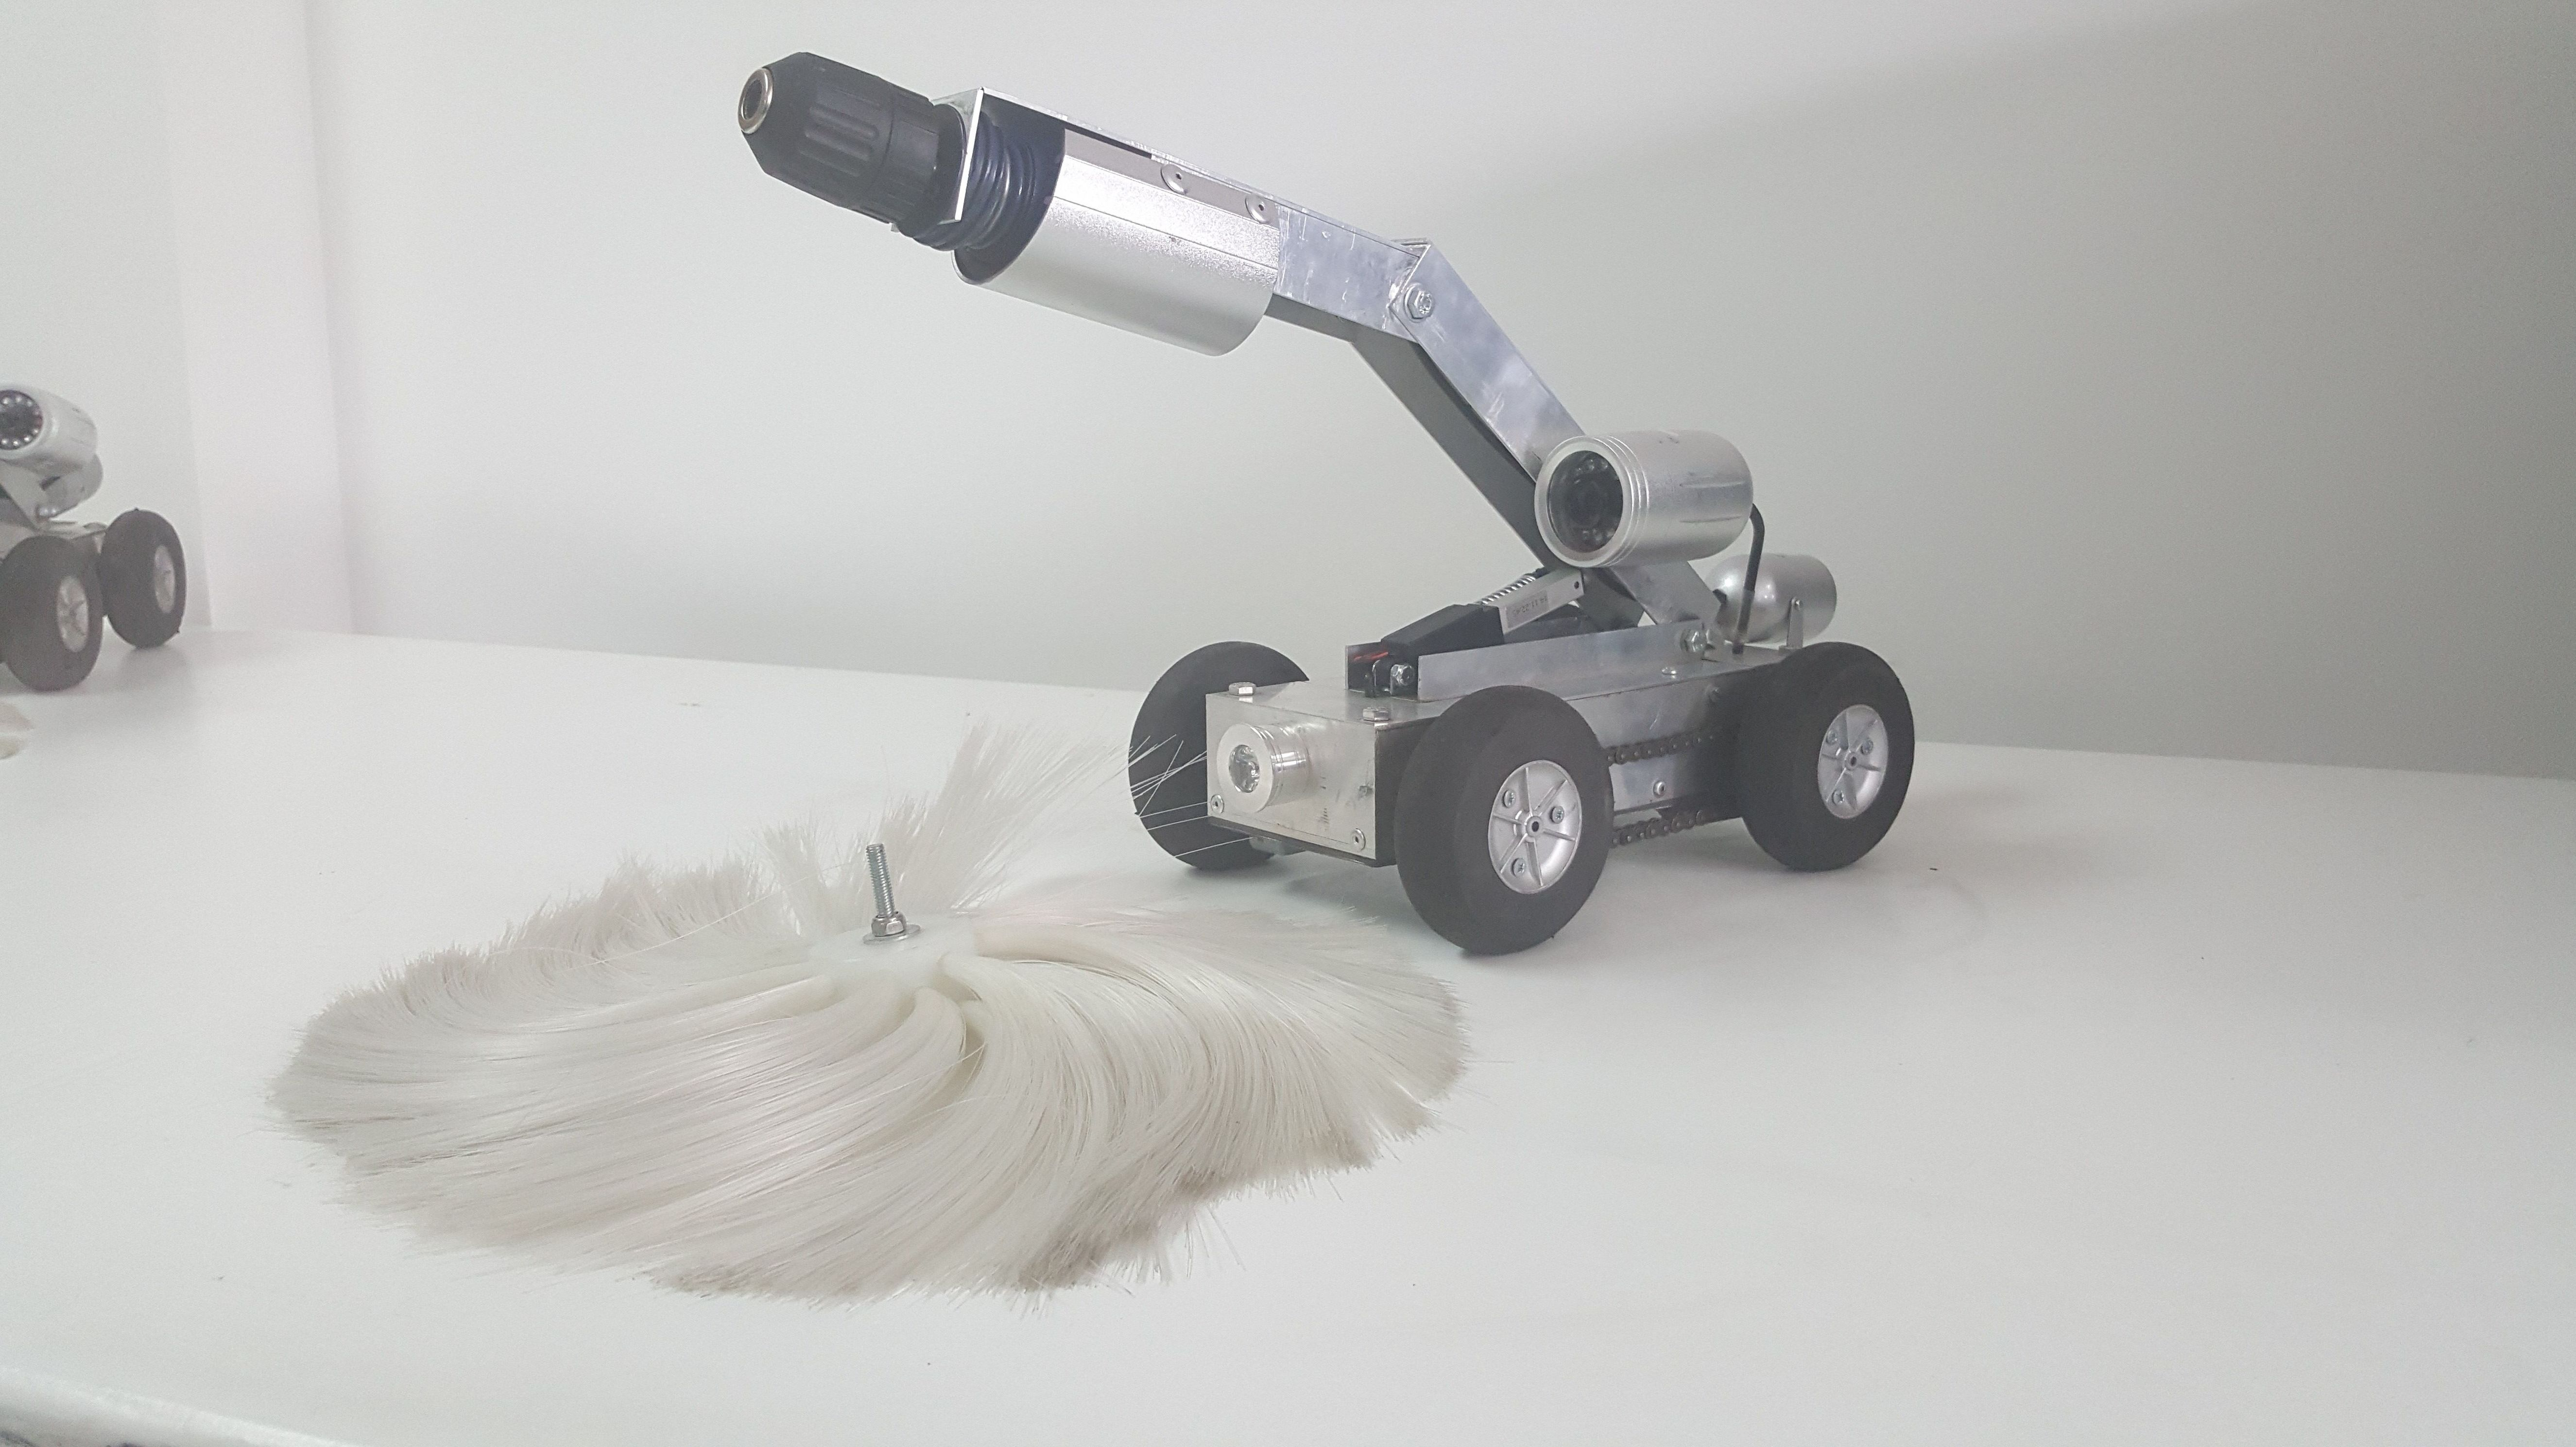 Robot y cepillo para limpieza de aire acondicionado